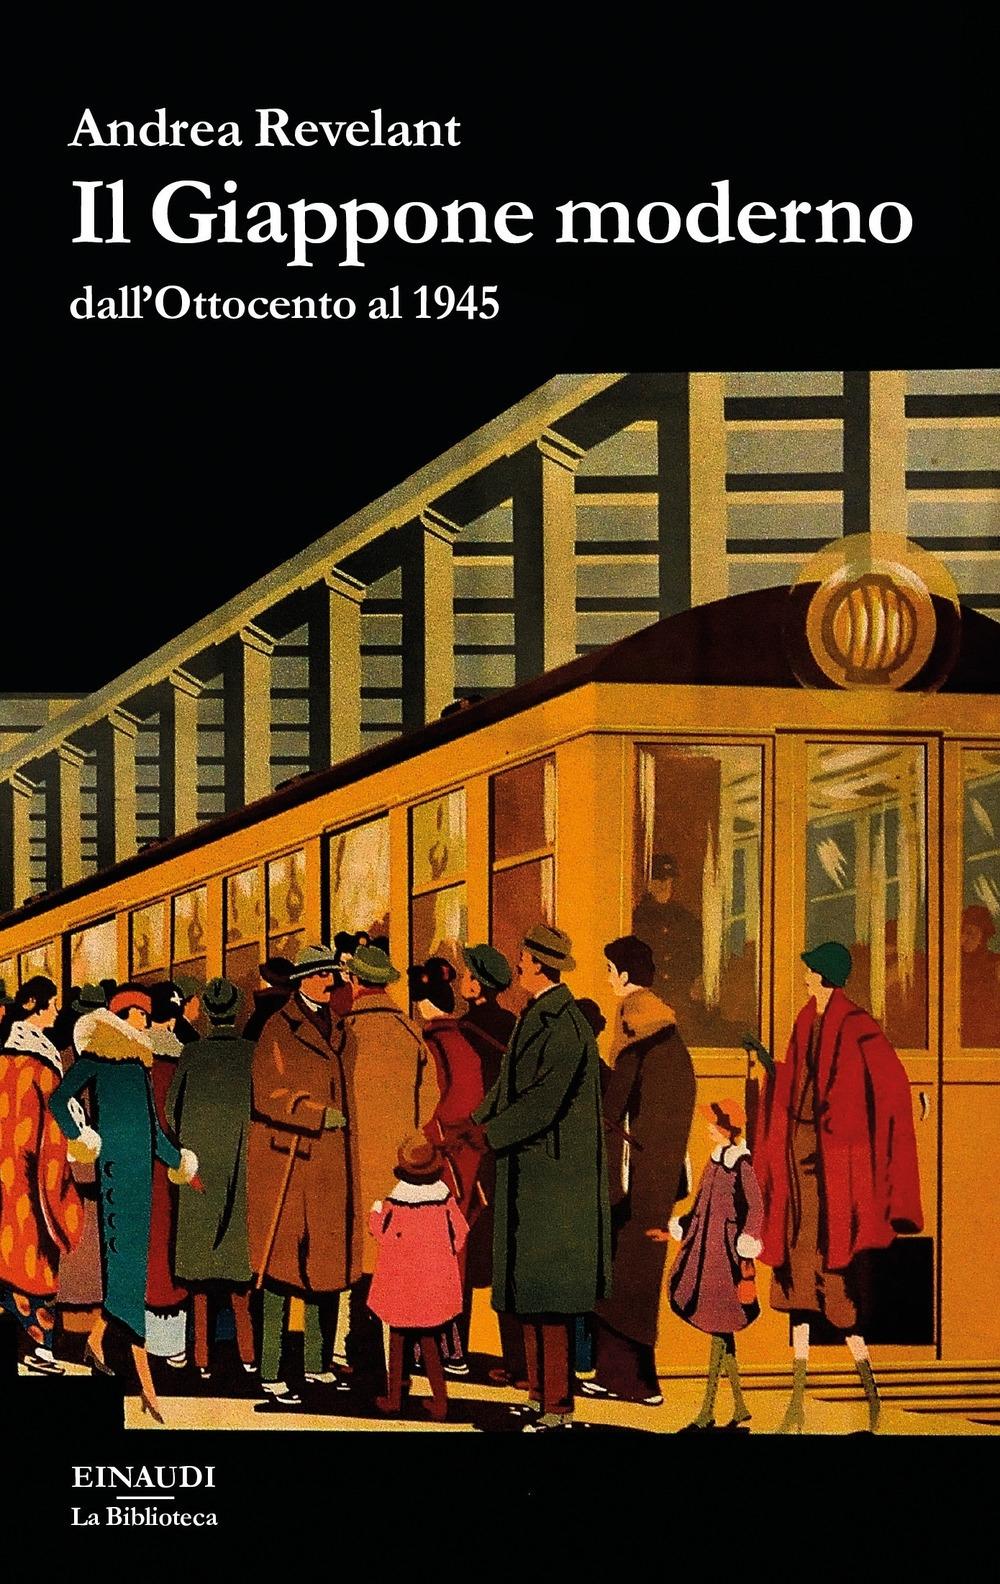 Il Giappone moderno dall'Ottocento al 1945 - Revelant Andrea